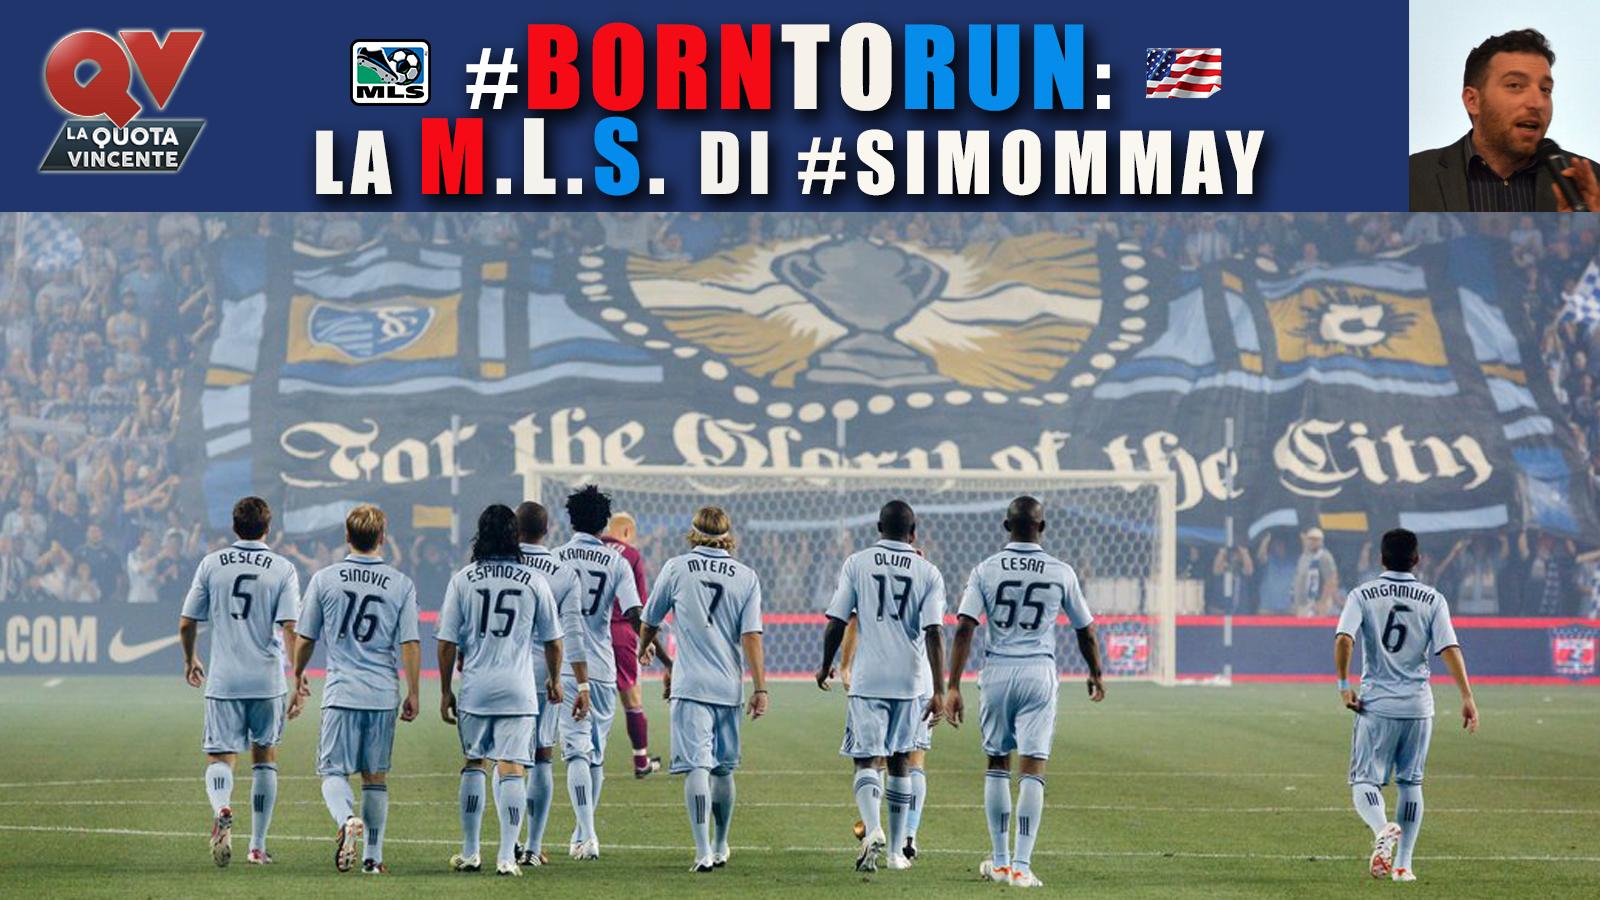 Pronostici MLS giornata 11: è di nuovo L.A. contro N.Y.C.